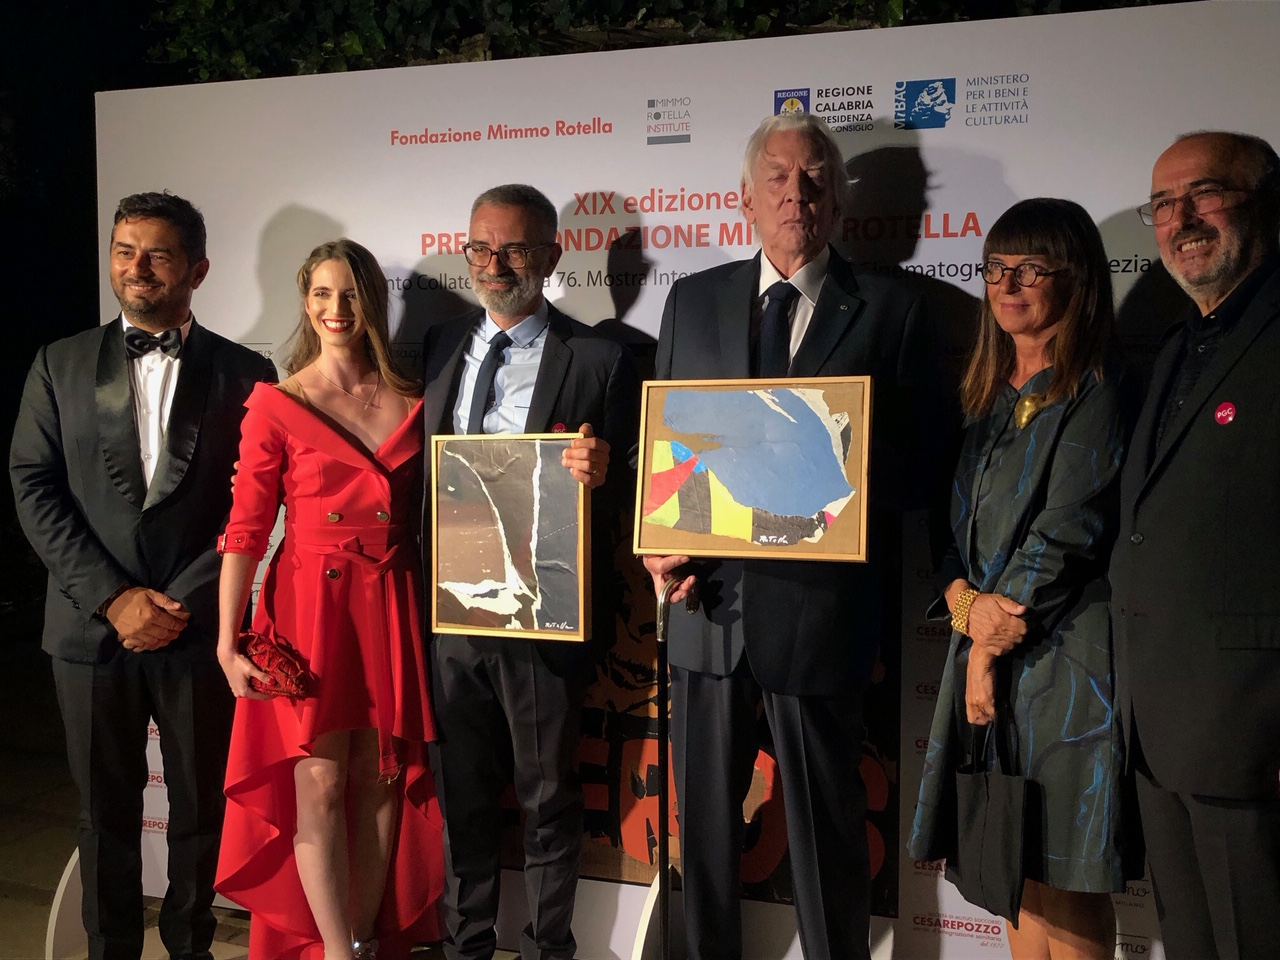 La cerimonia del Premio Fondazione Mimmo Rotella